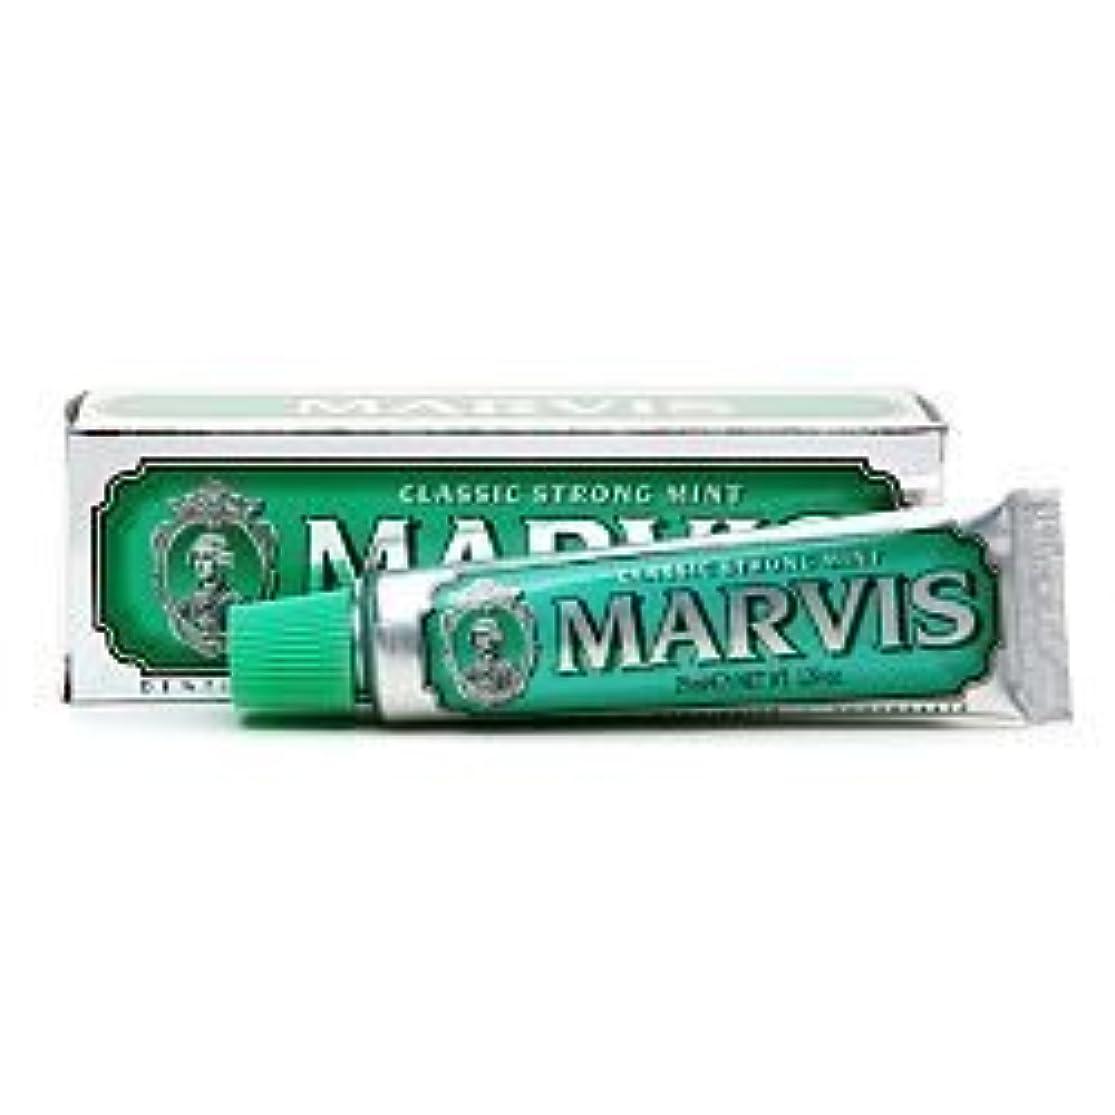 く年次熟練したMarvis Travel Sized Toothpaste, Classic Strong Mint 1.29 oz (25 ml) (Qunatity of 4) by Marvis [並行輸入品]